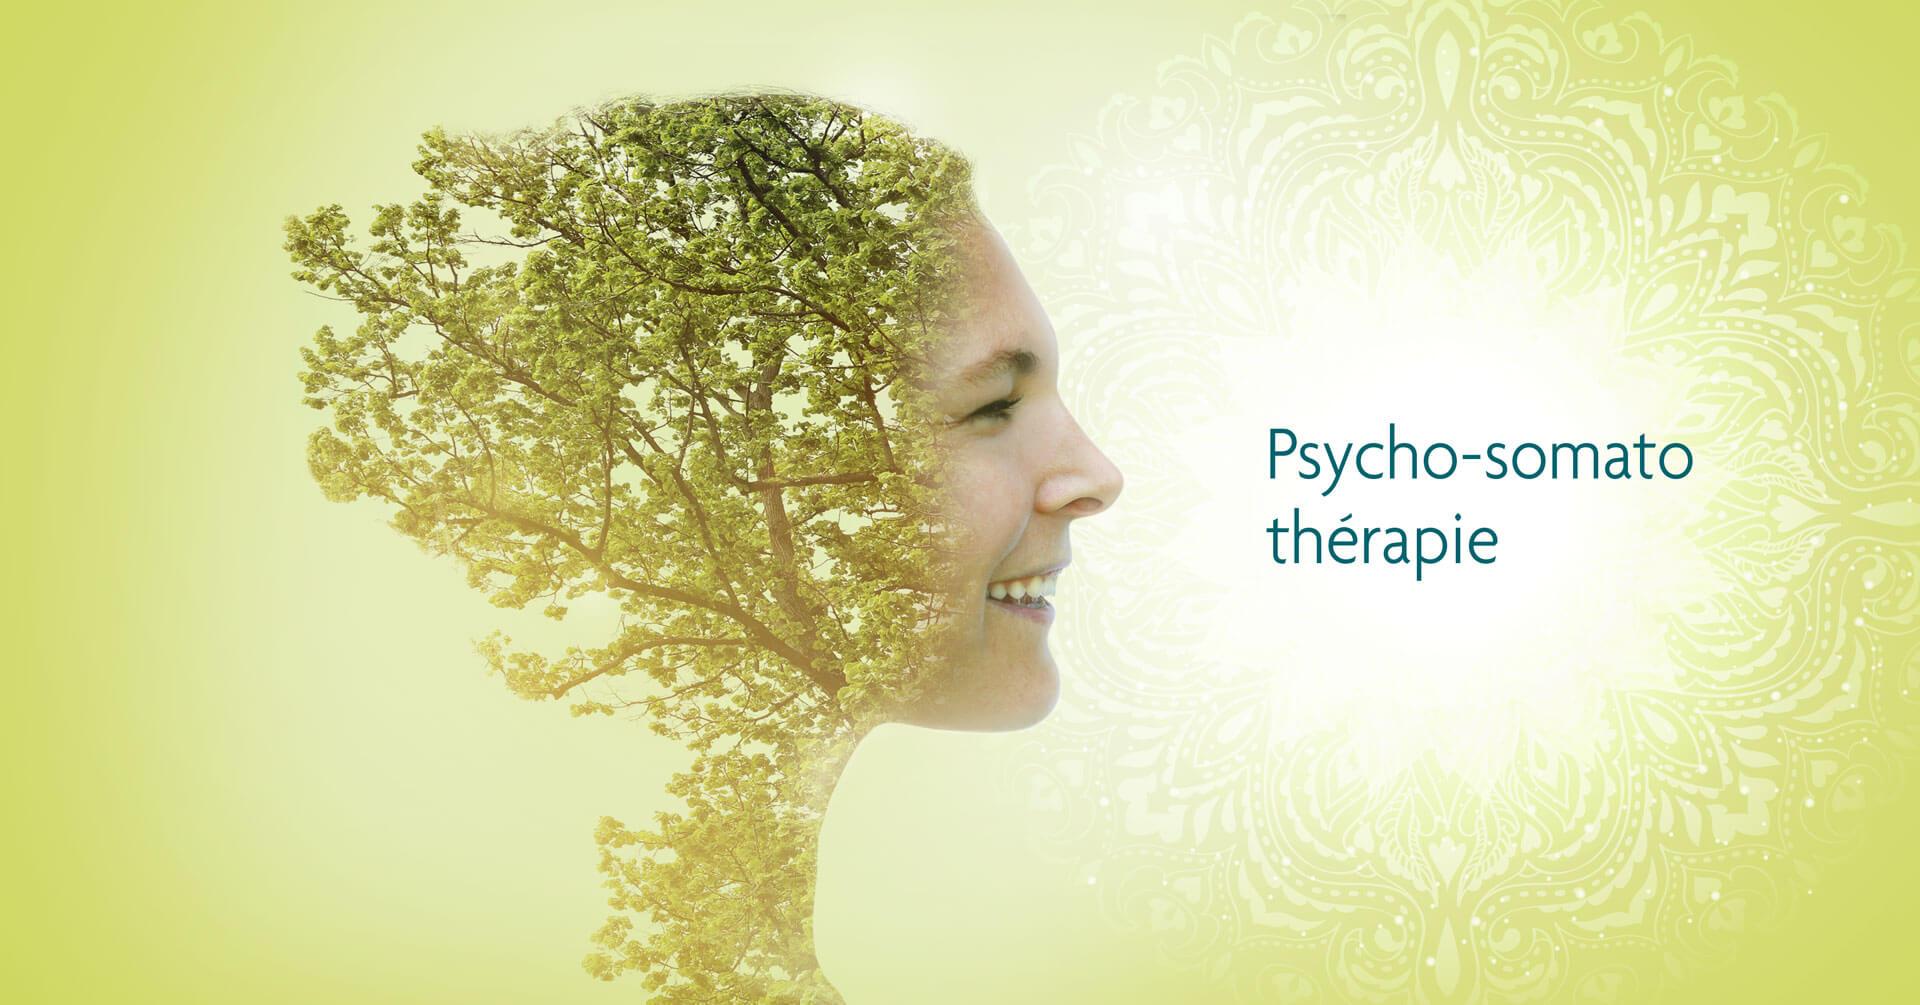 La psycho-somato thérapie par Aurélie Baumlin à Wittelsheim, proche Mulhouse, en Alsace